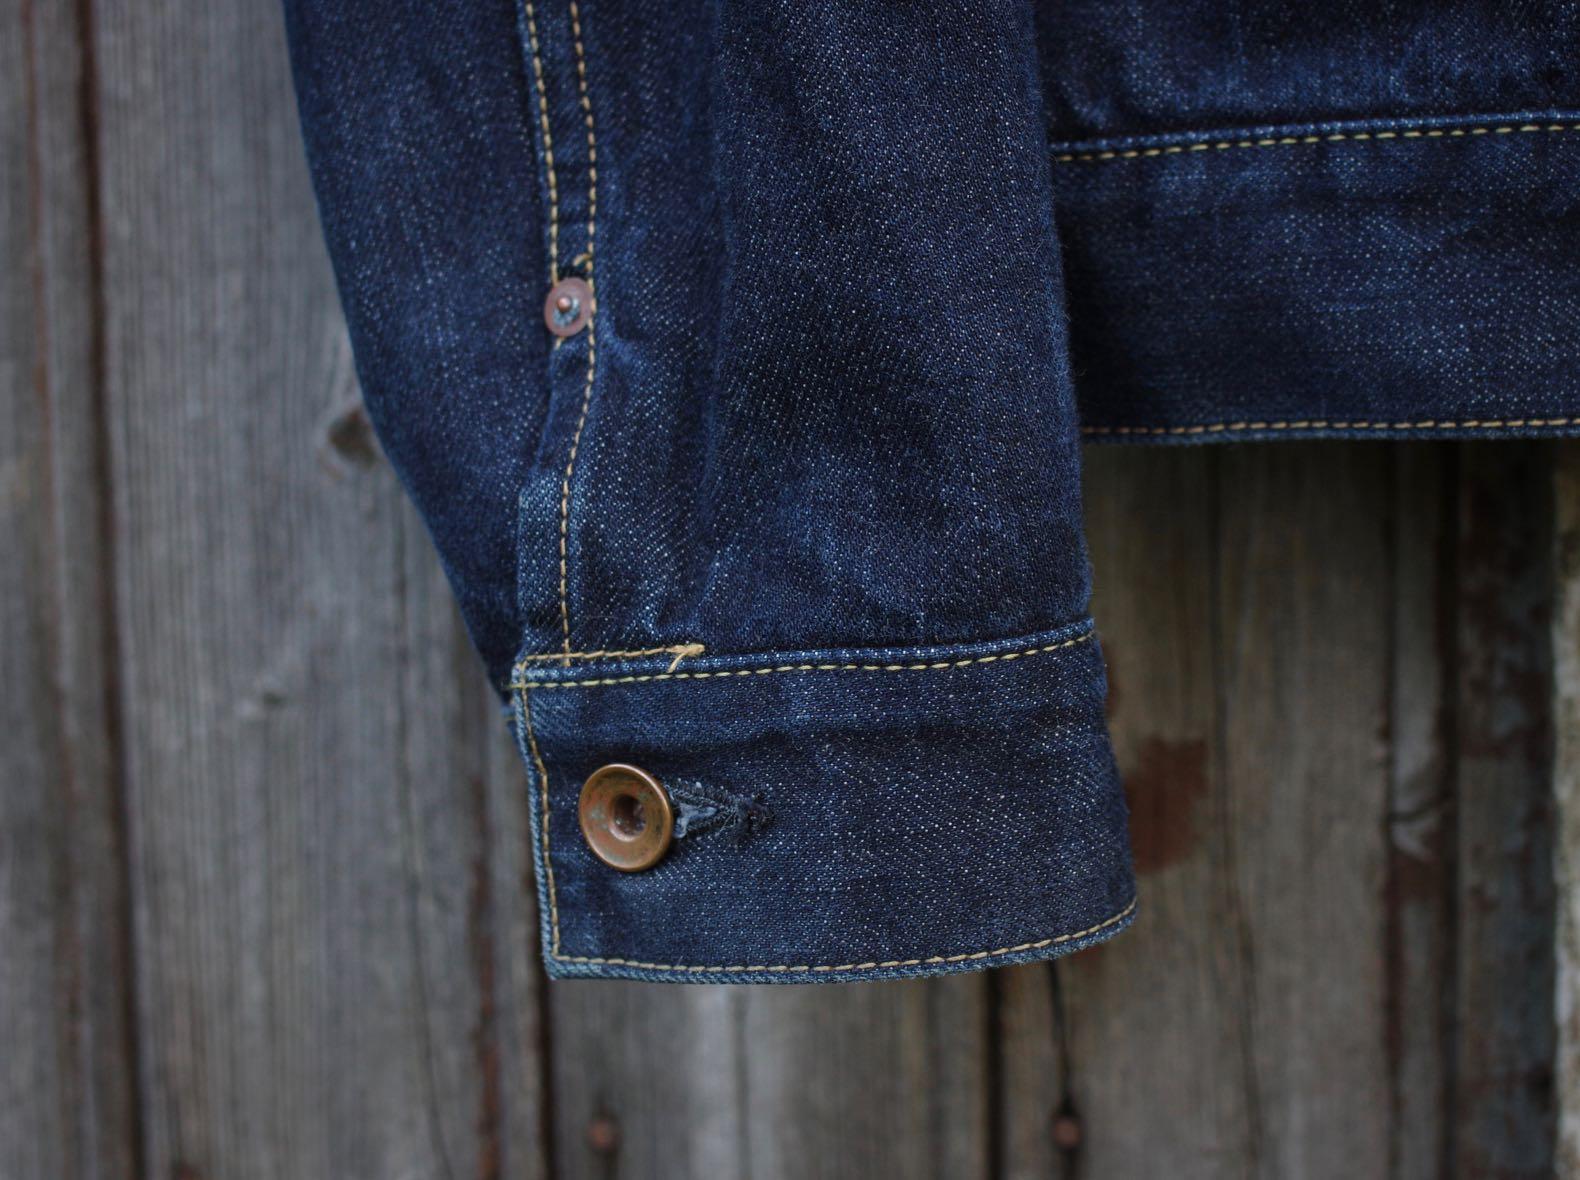 bouton en laiton pour fermer une manche de veste en jean